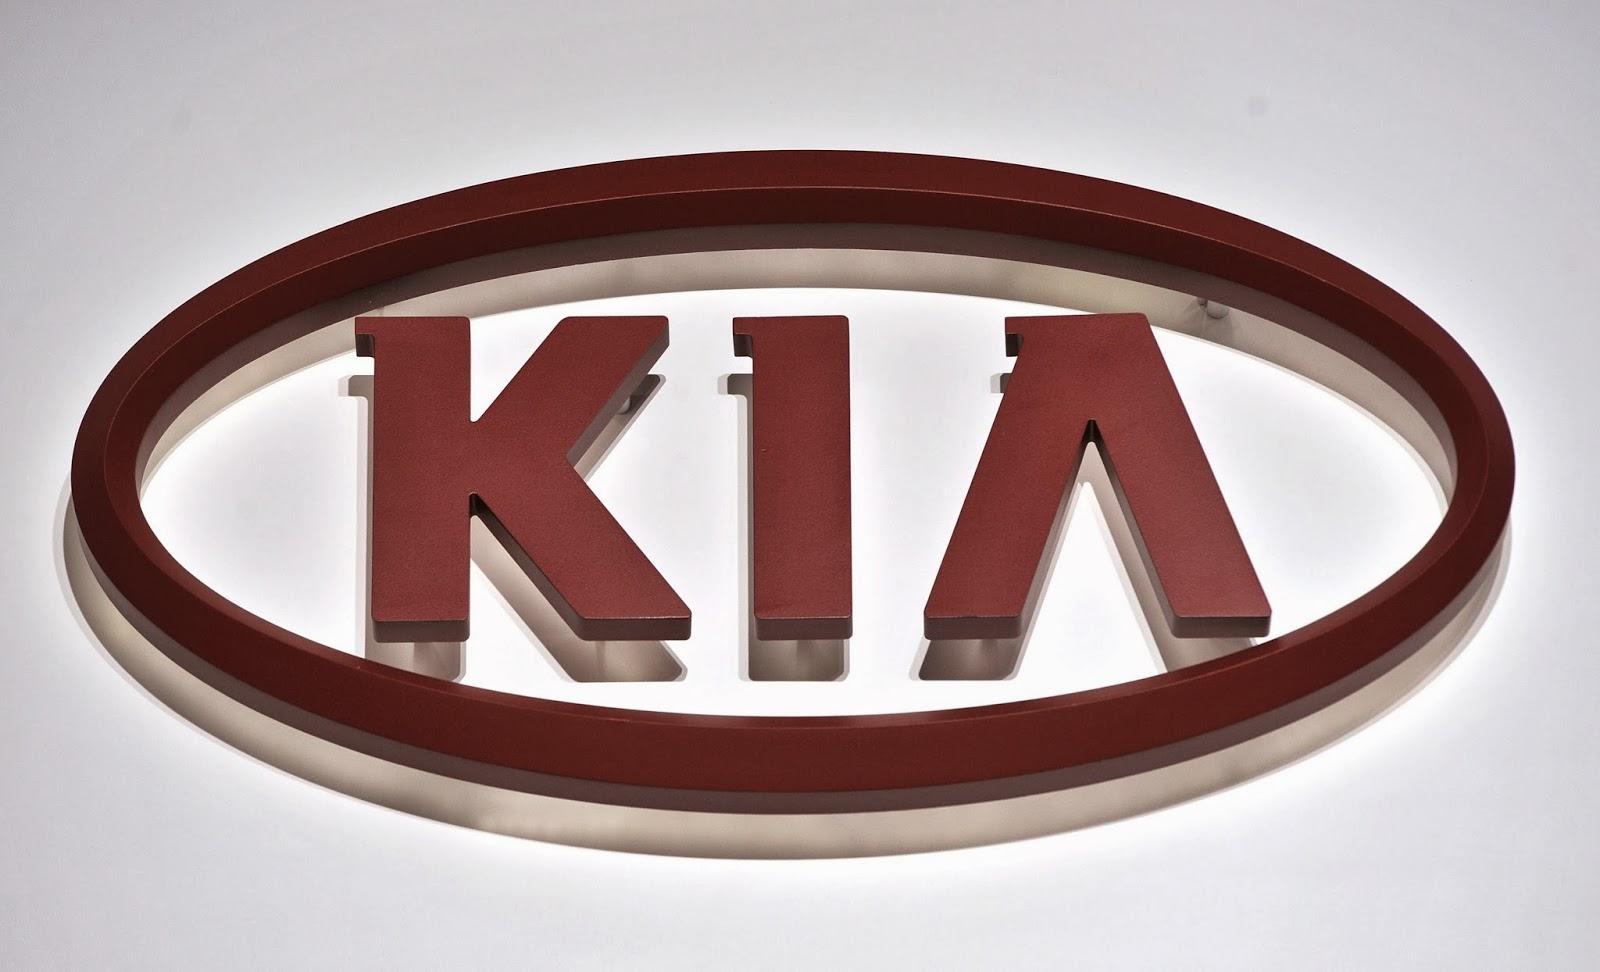 Kia logo kia car symbol meaning and history car brand names kia company logo biocorpaavc Image collections